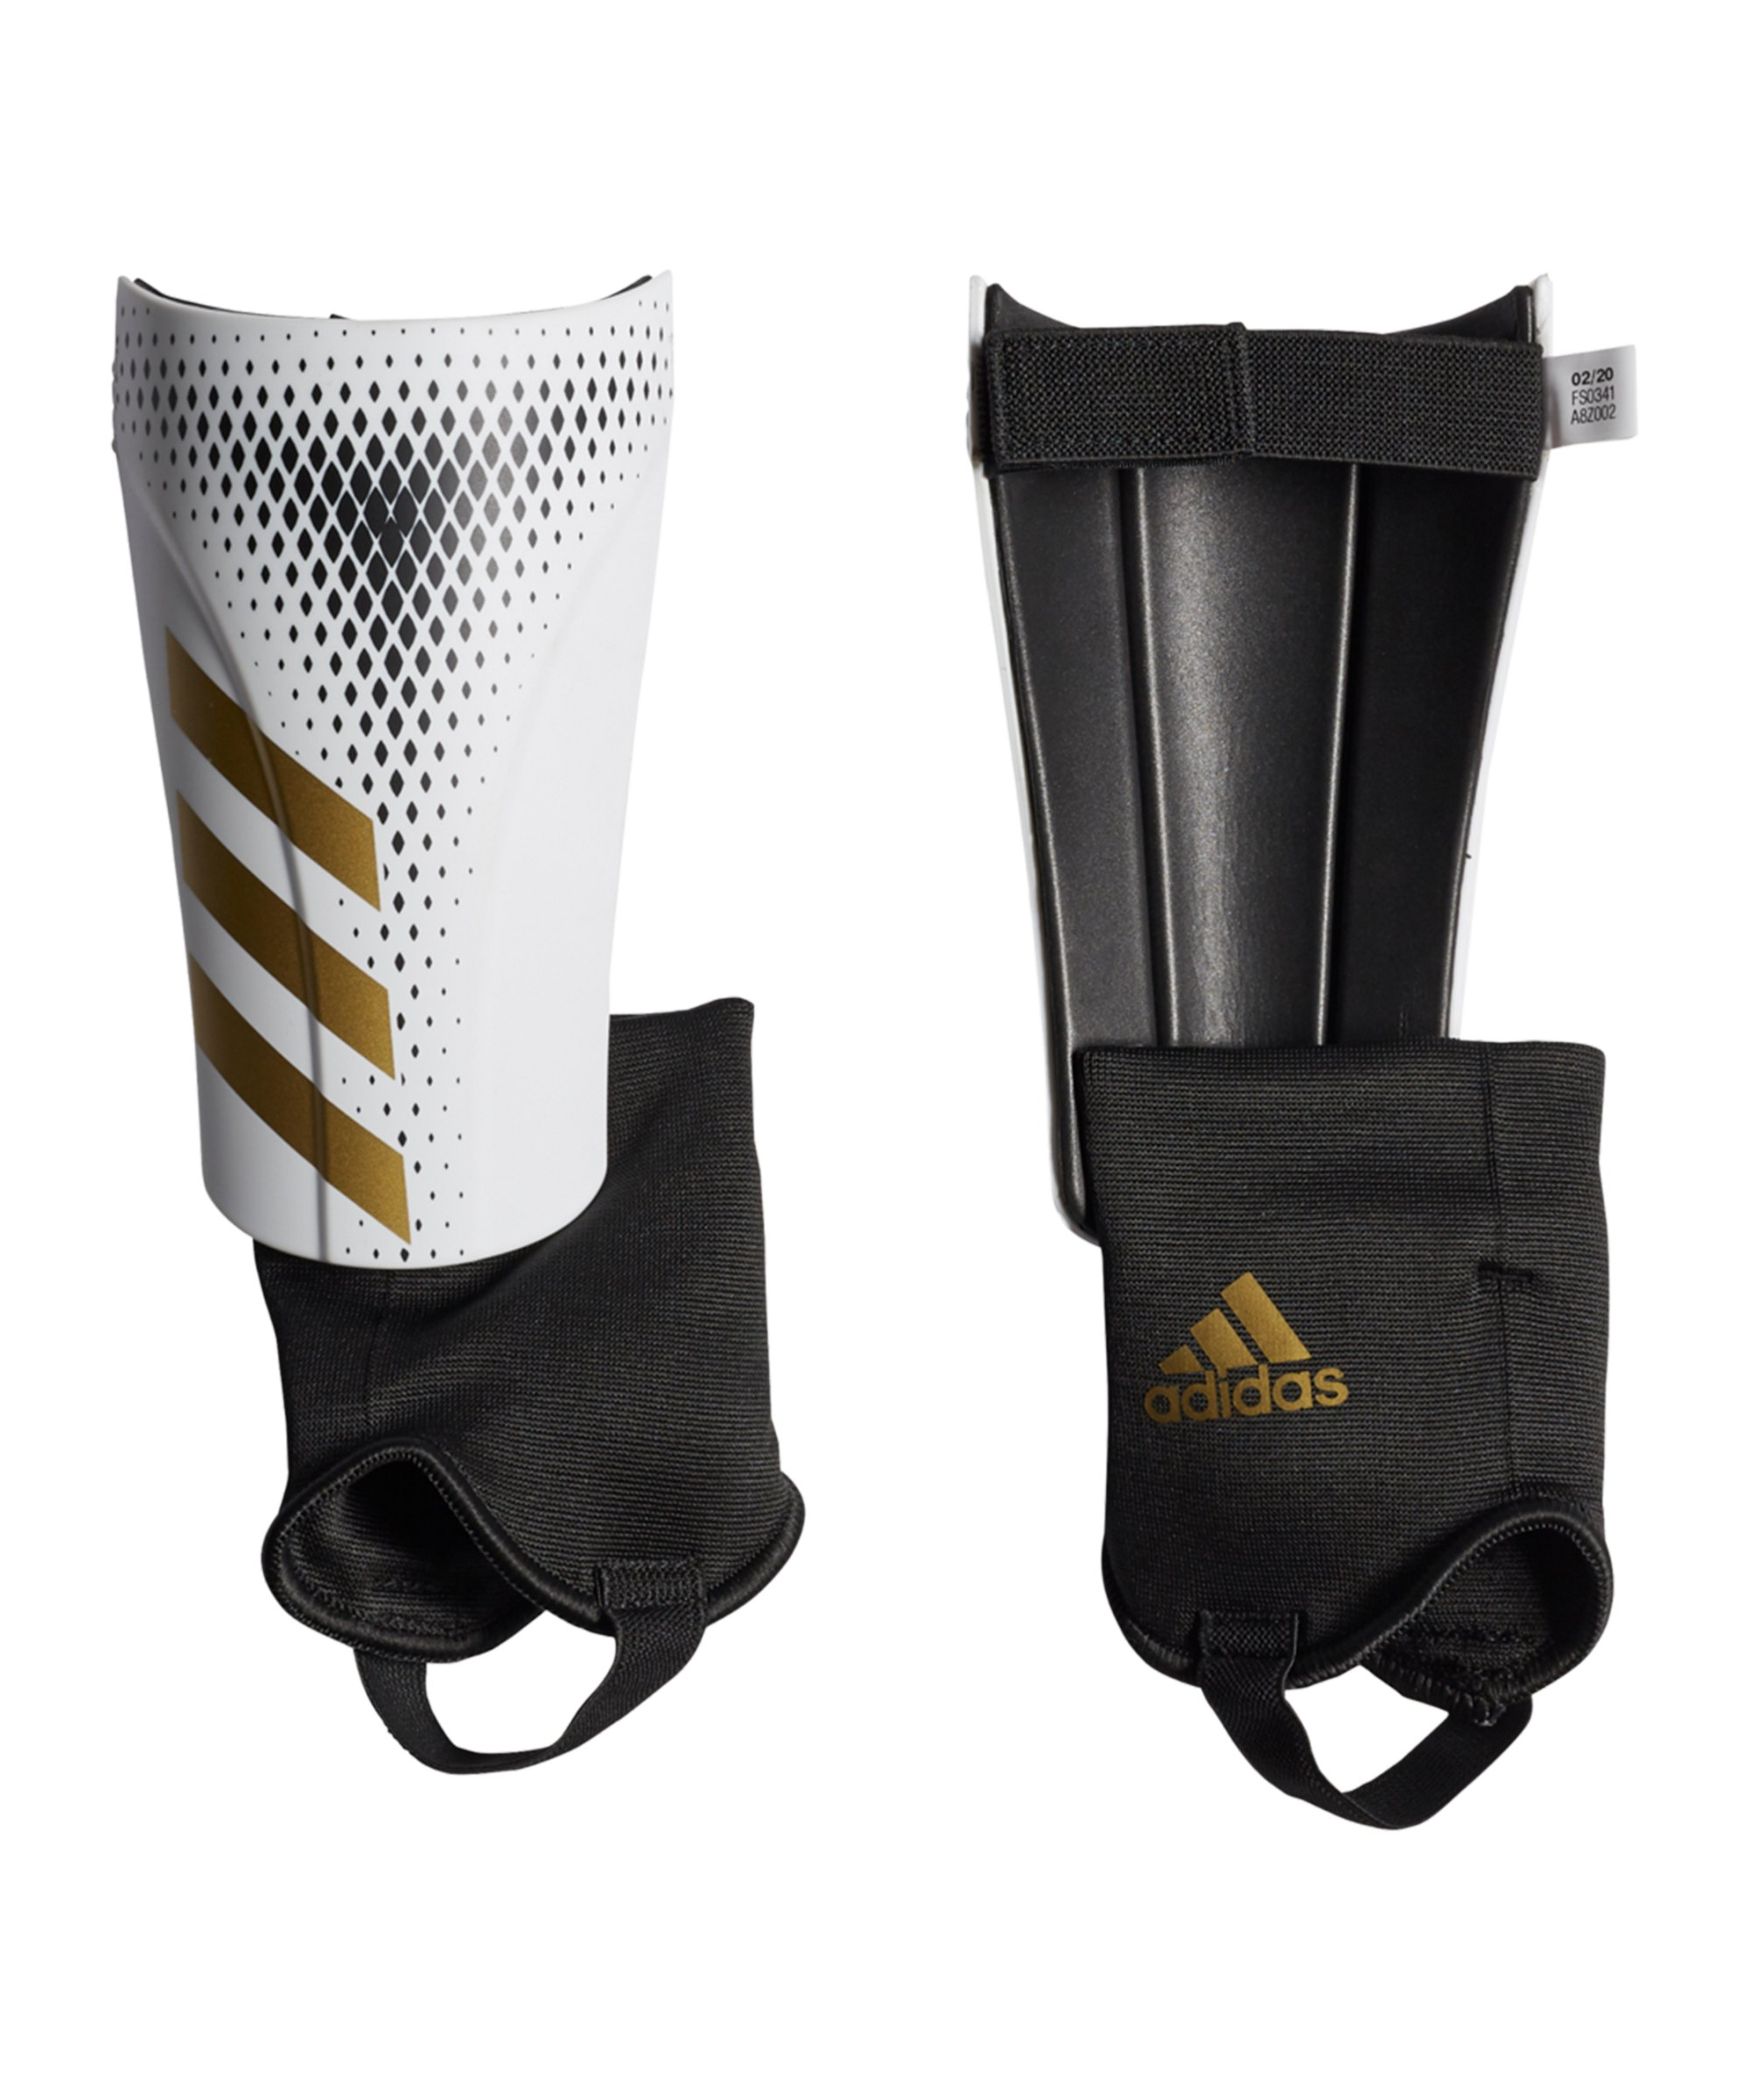 adidas Predator Inflight Match Schienbeinschoner Weiss Gold - weiss